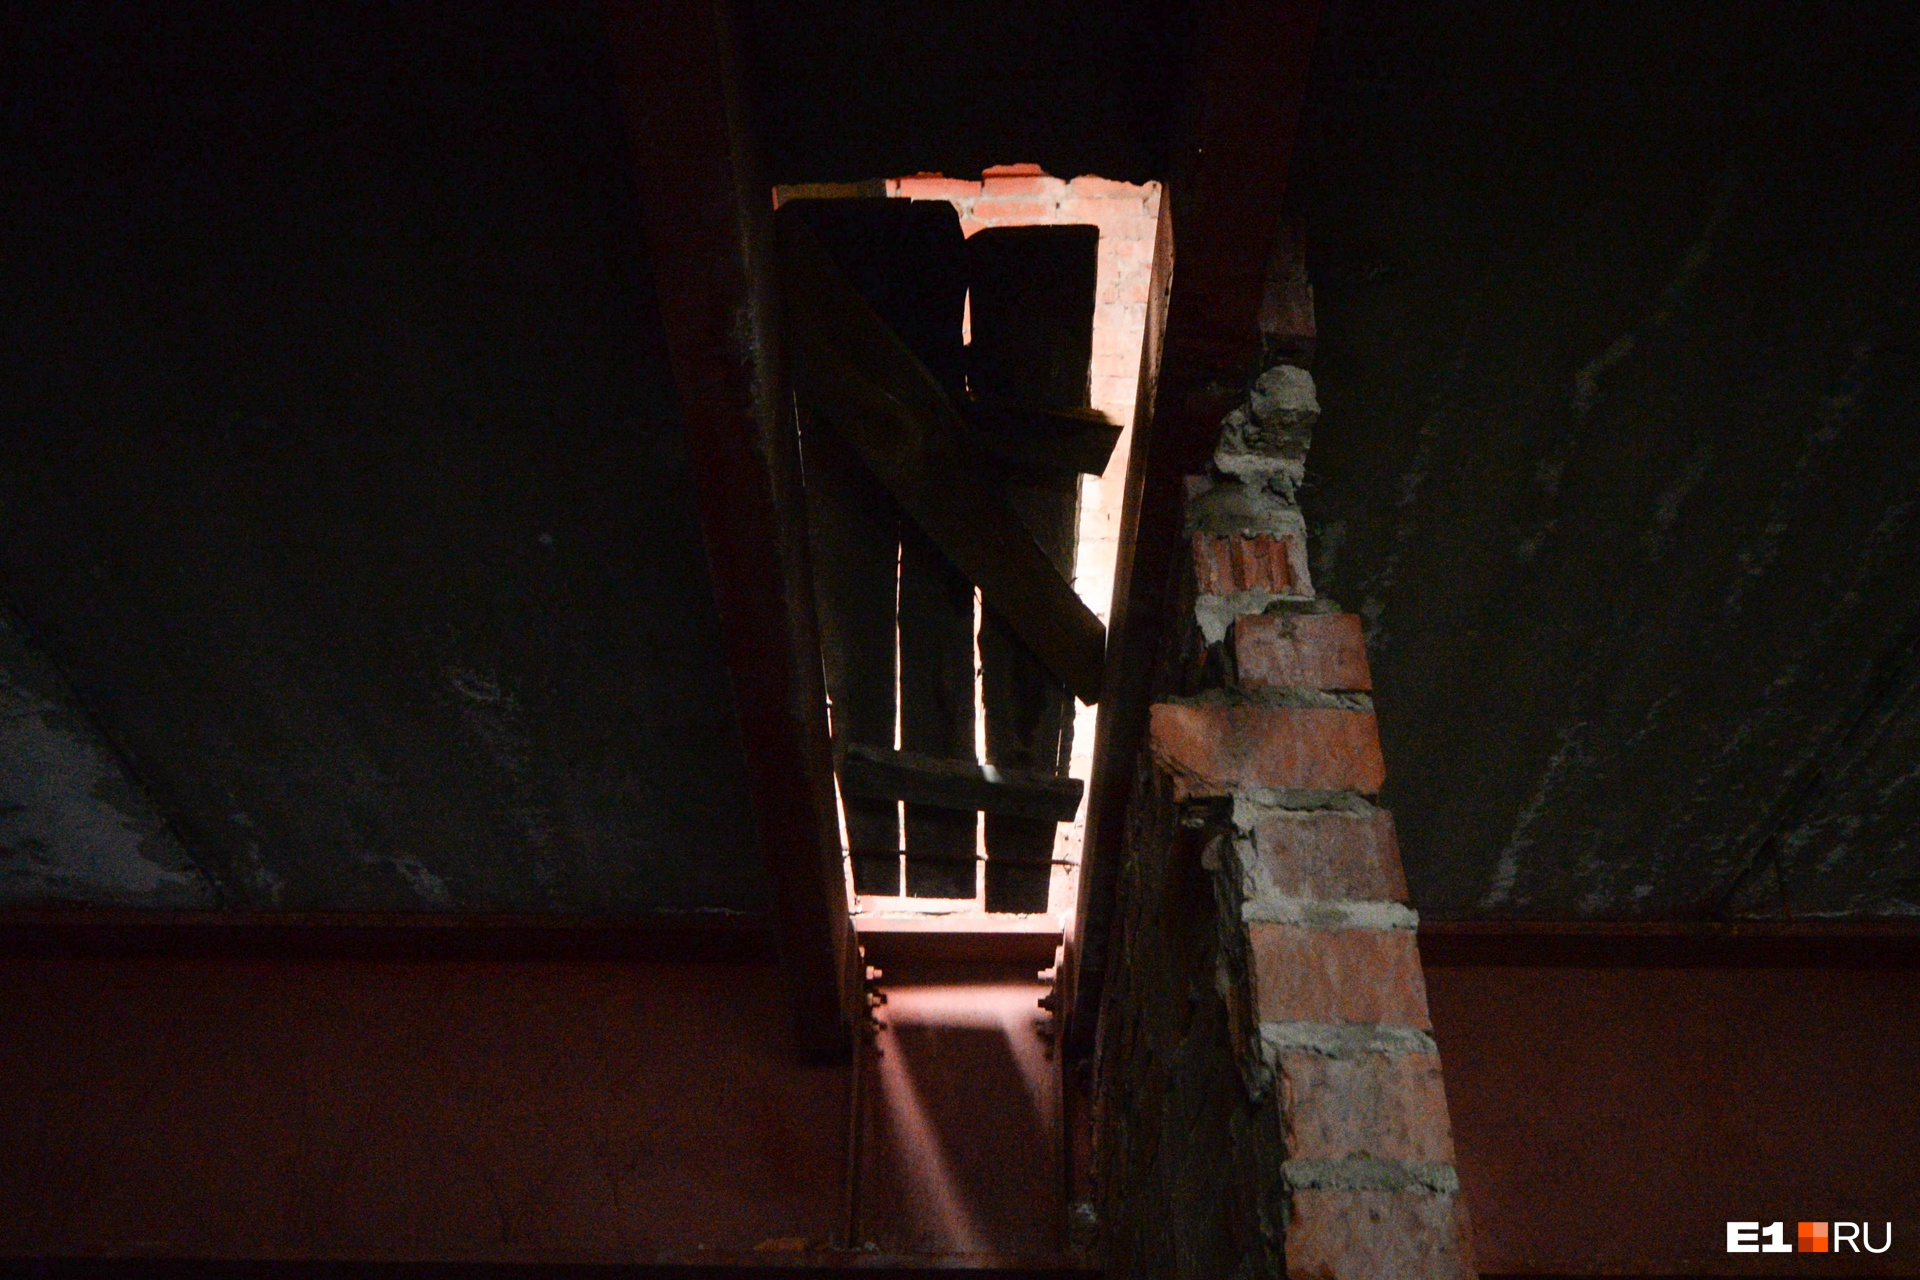 Те самые деревянные перекрытия в потолке, через которые капает вода. Они есть на каждом этаже